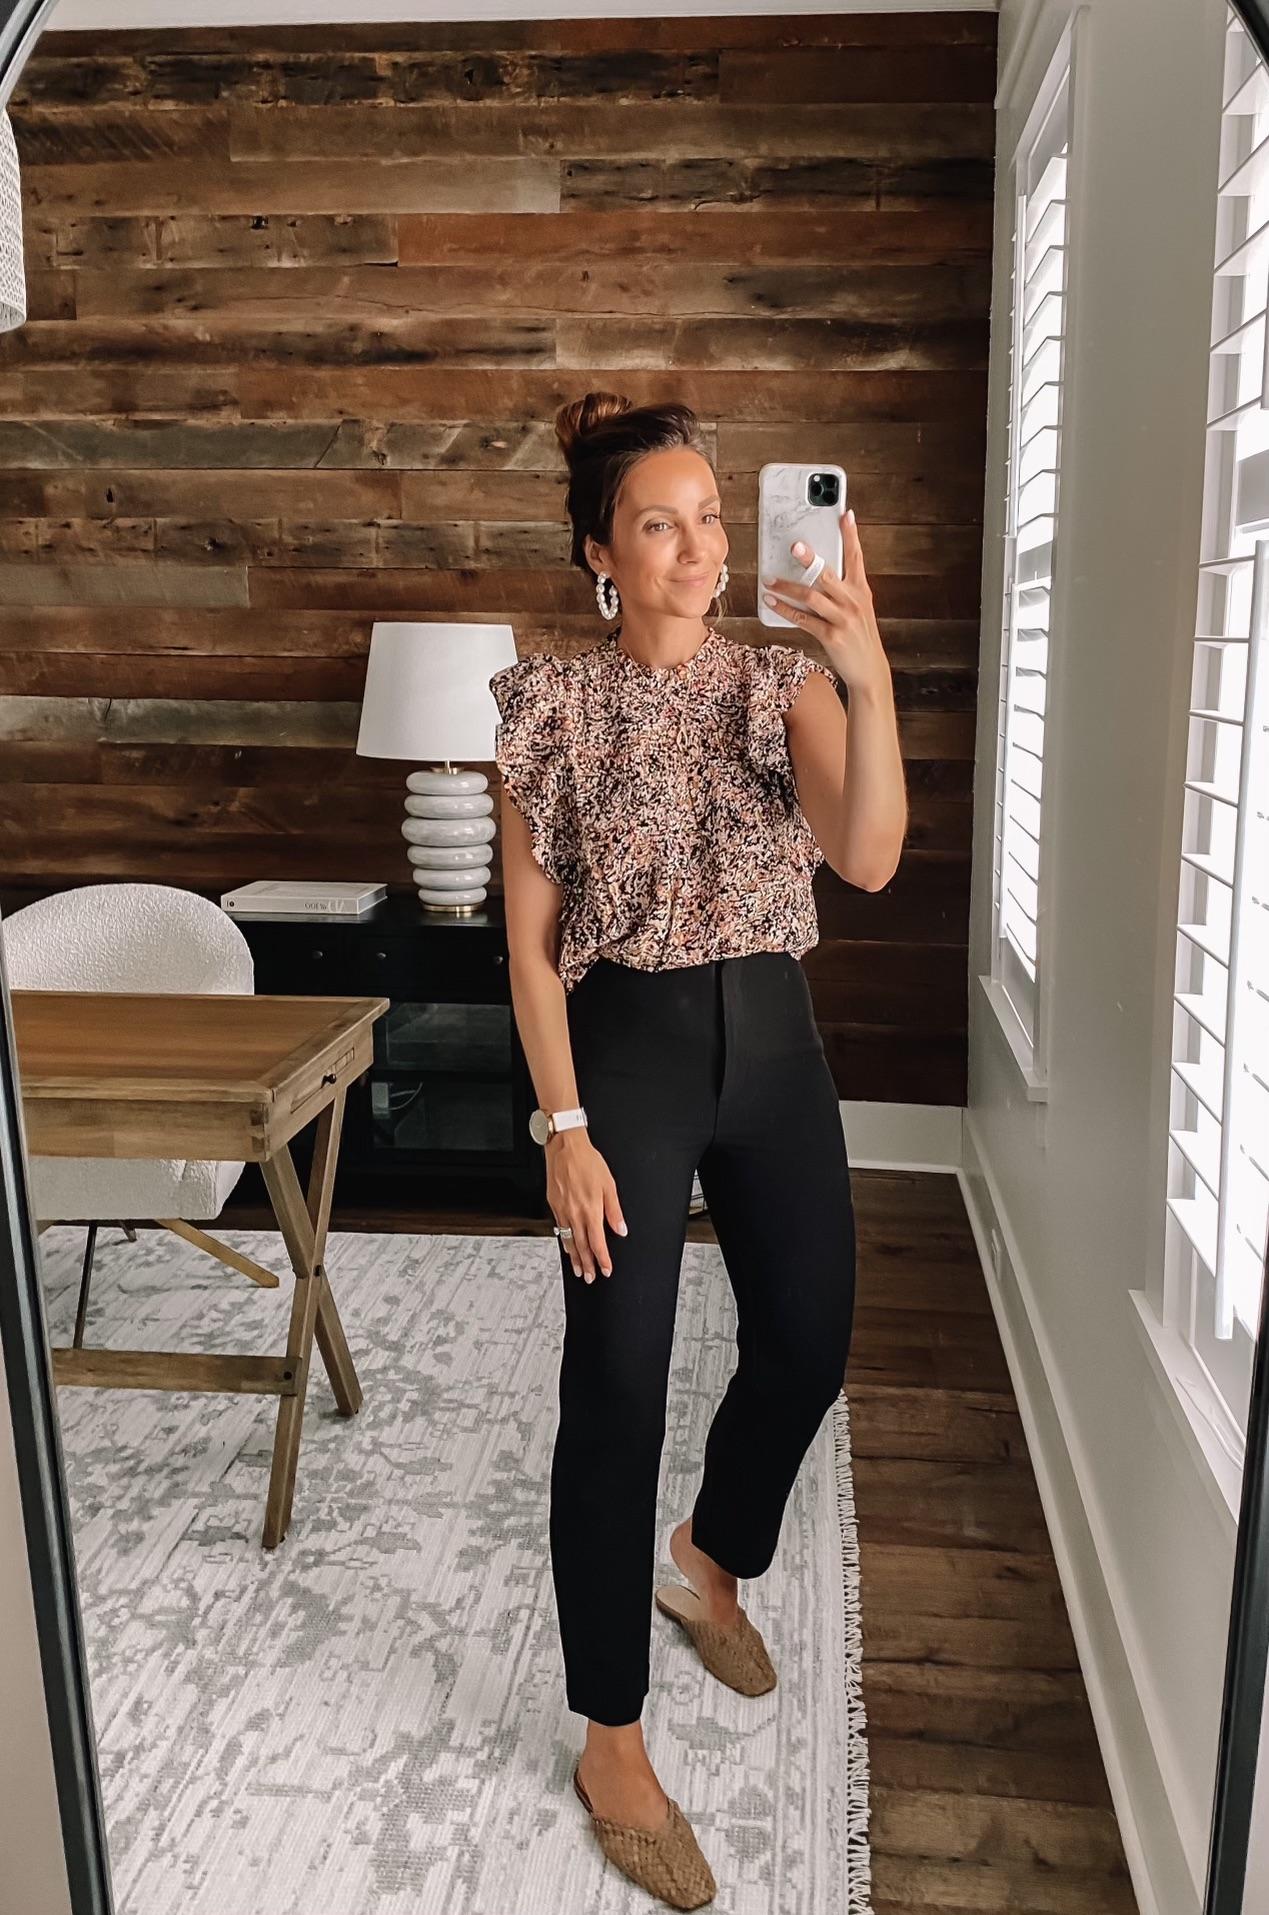 loft workwear outfit, loft teacher outfit, loft outfit